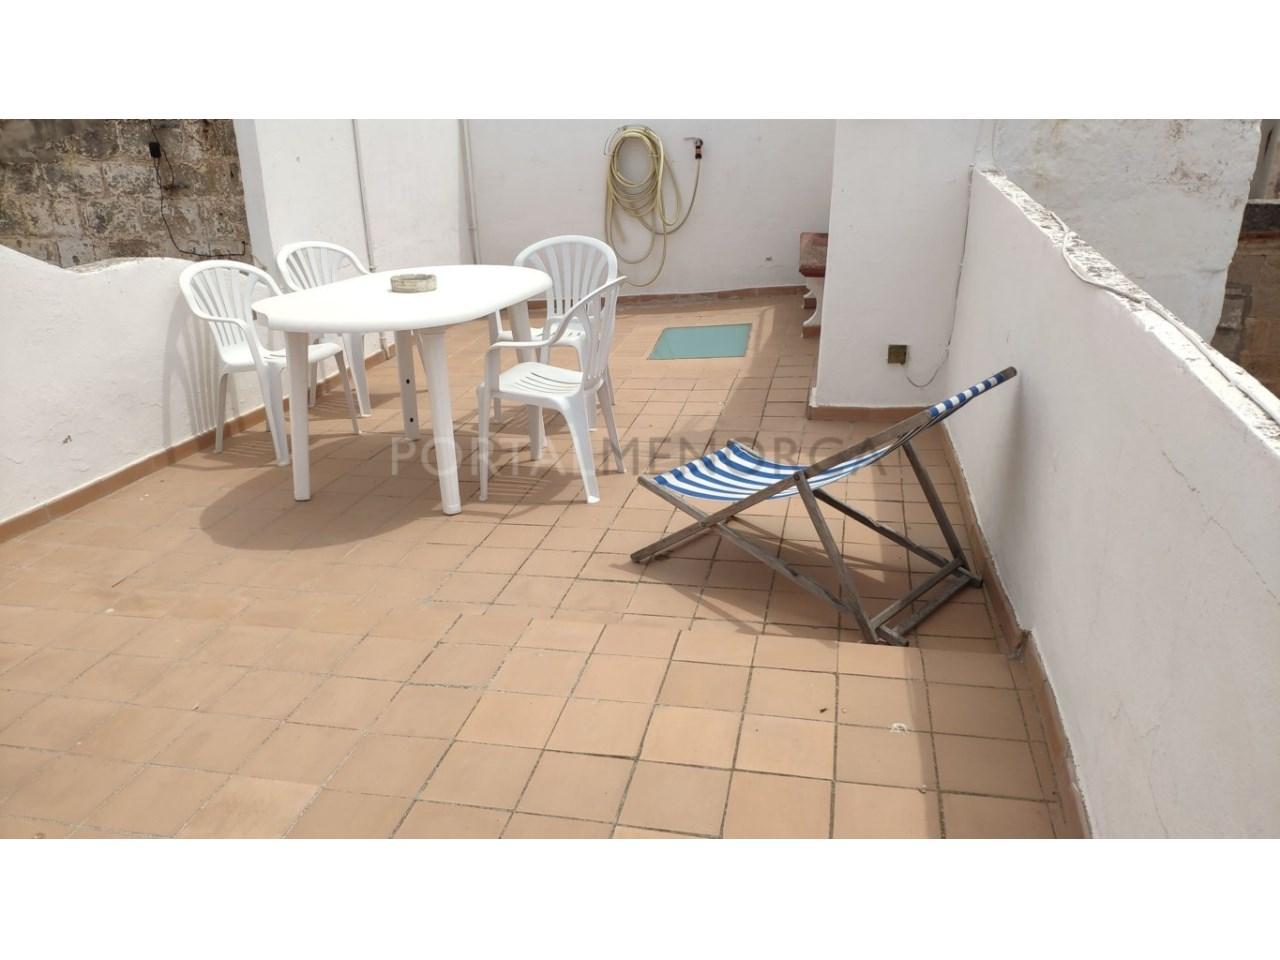 casa reformada en venta en Ciutadella de Menorca azotea